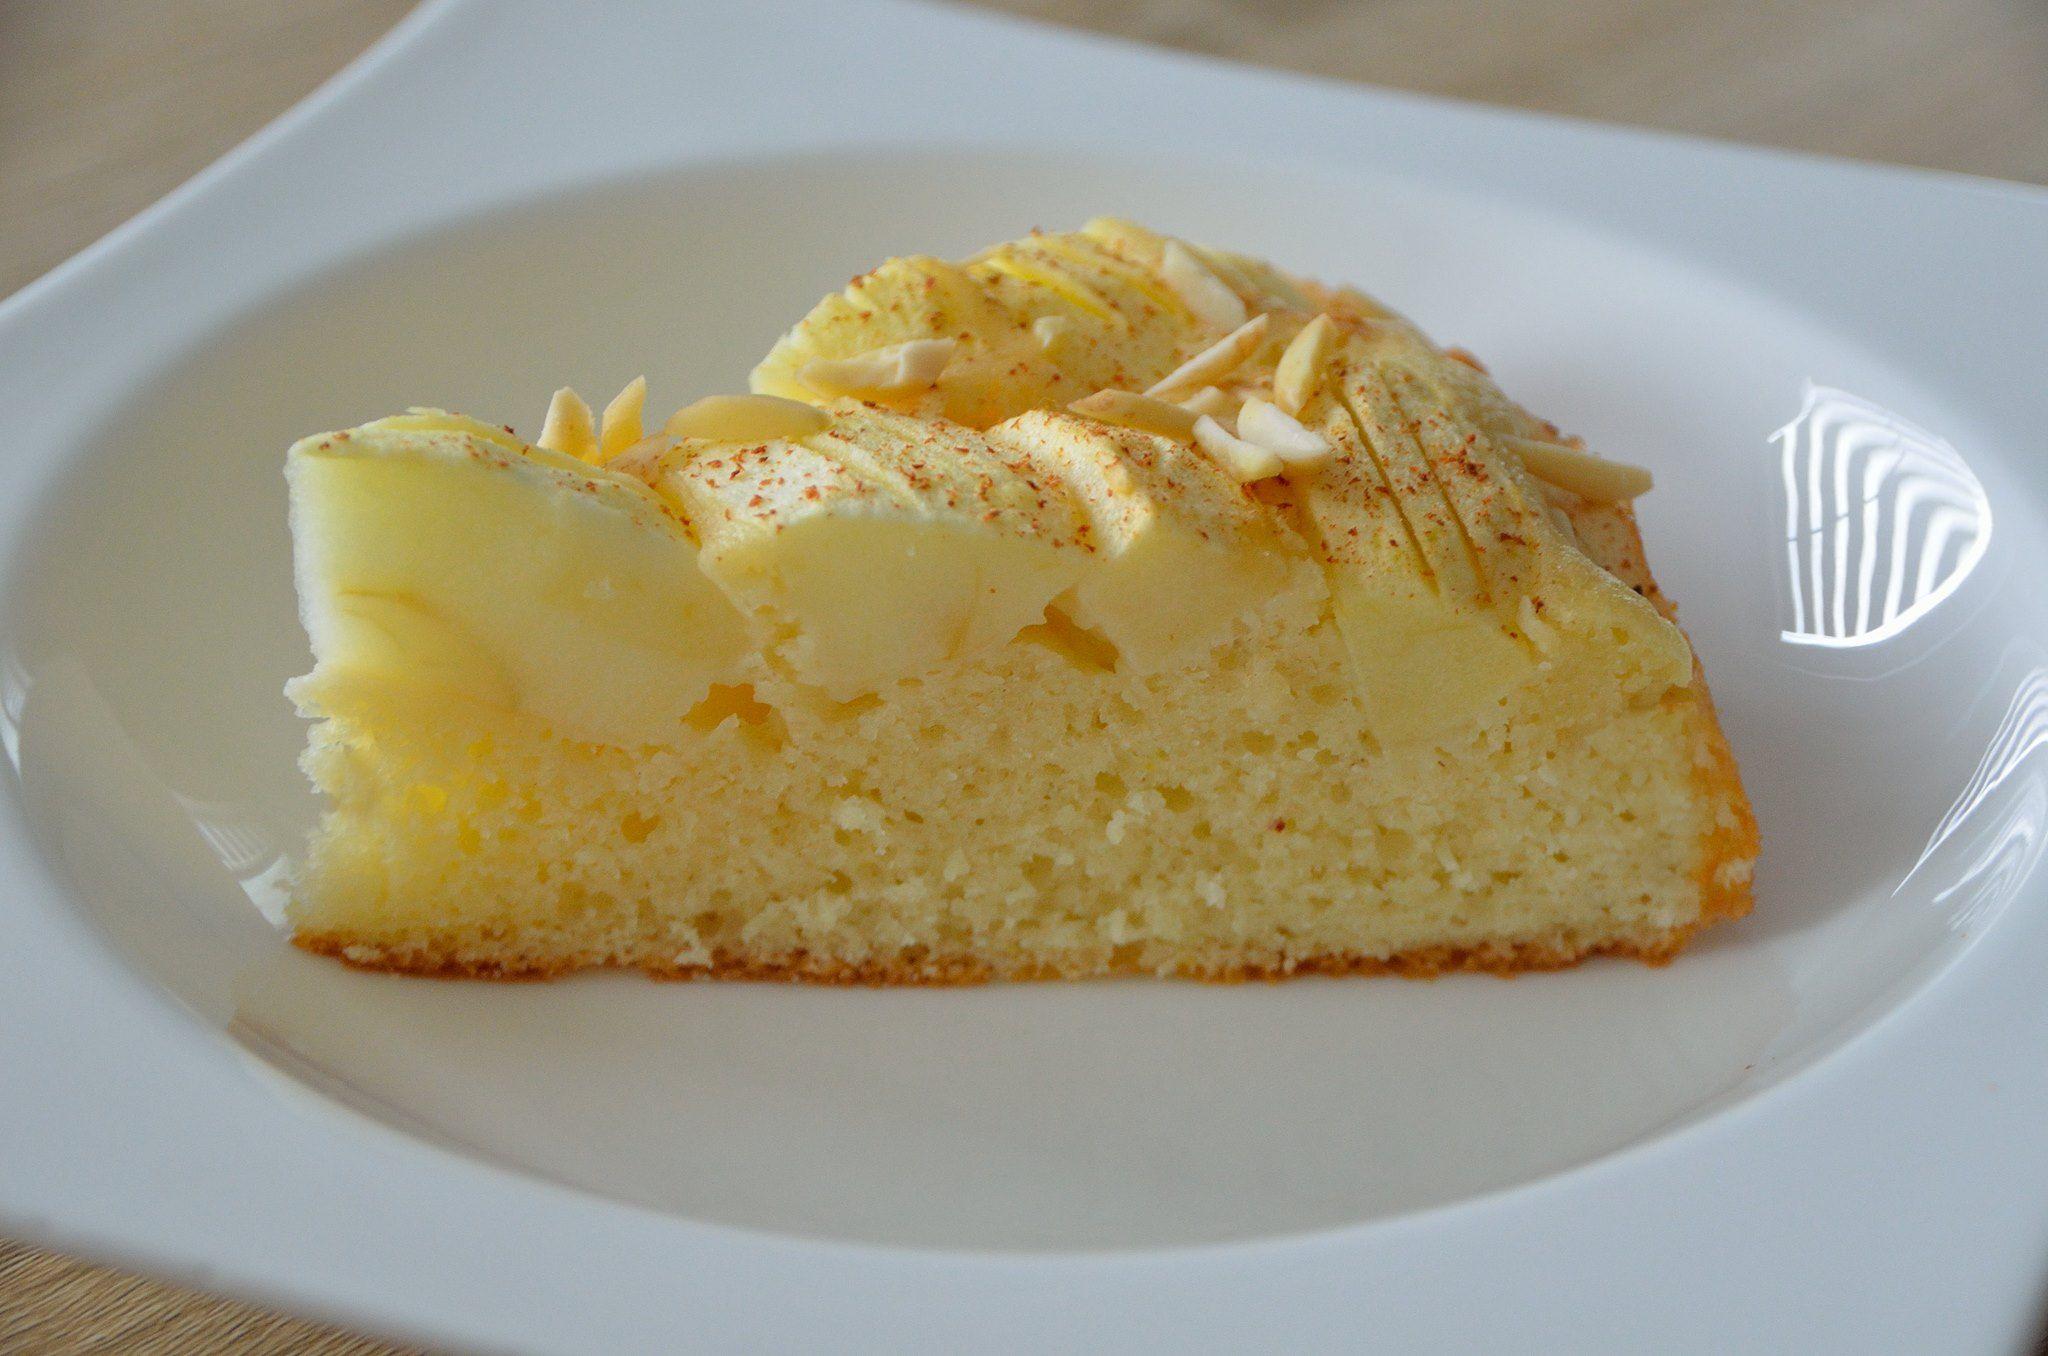 Kalorienarmer Apfelkuchen 2 000 Kalorien Rezept Susse Kuchen Kuchen Apfelkuchen